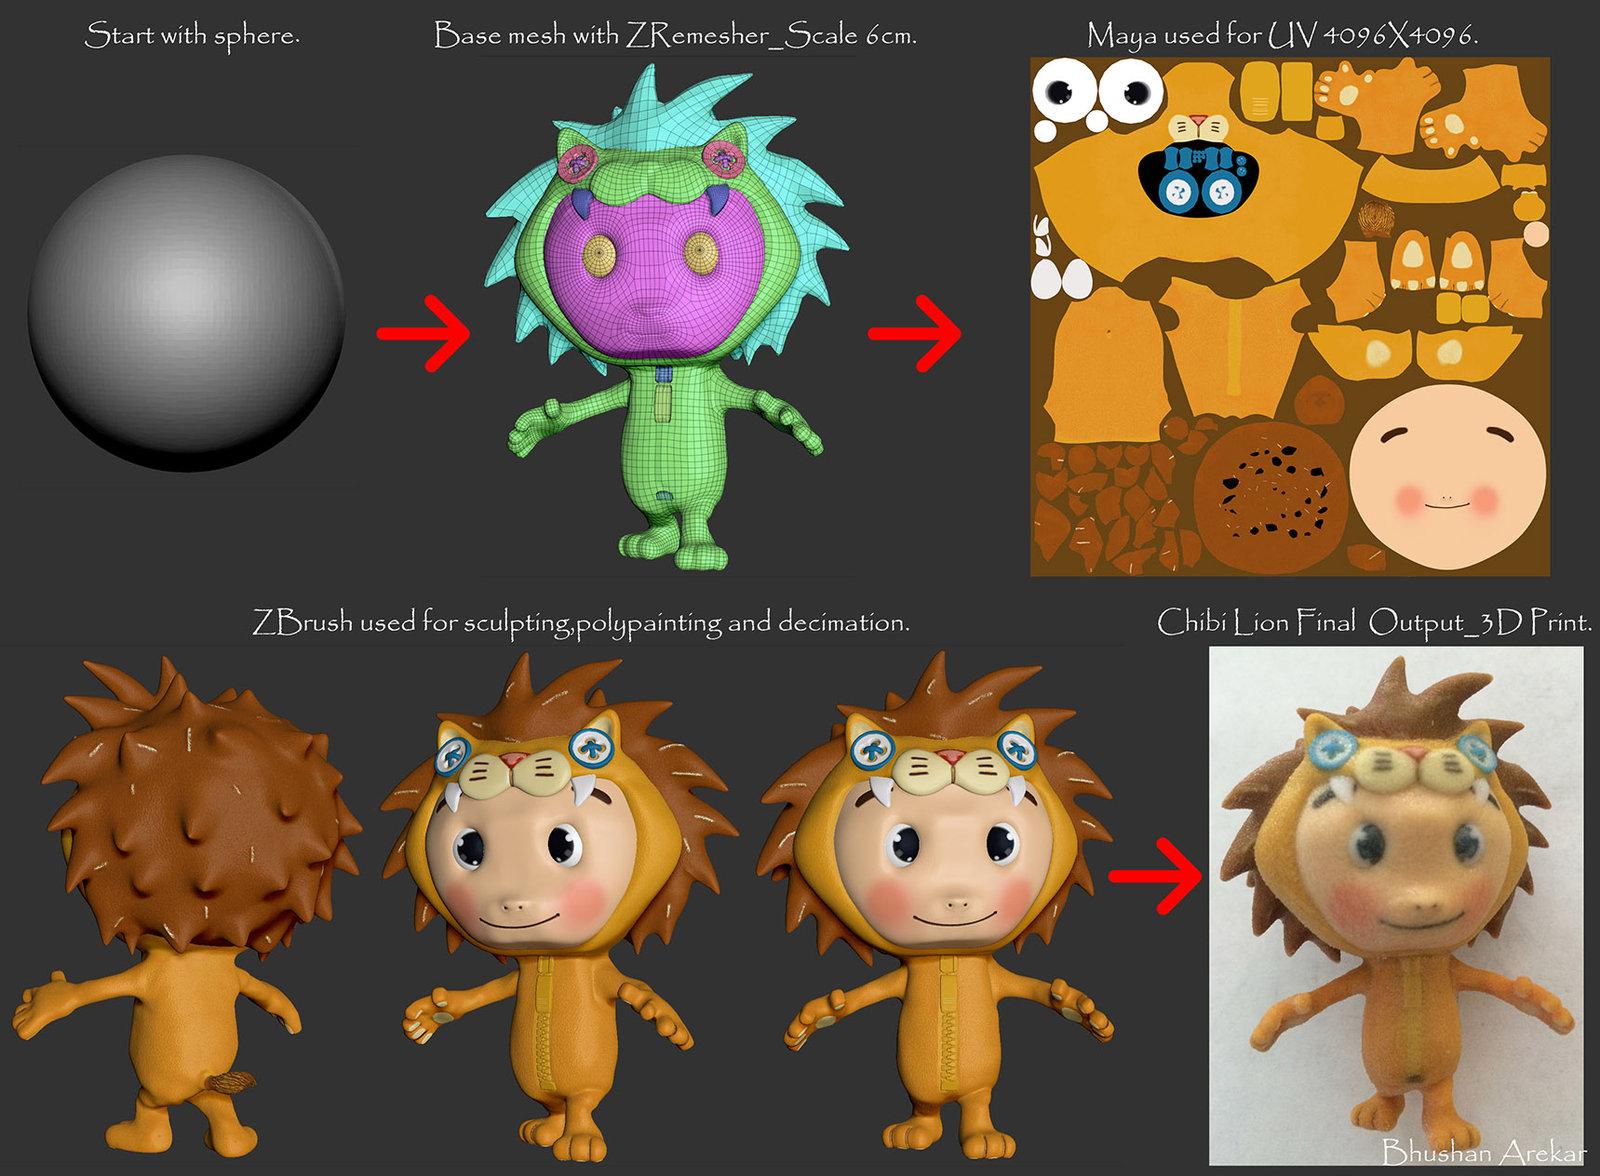 Chibi Lion